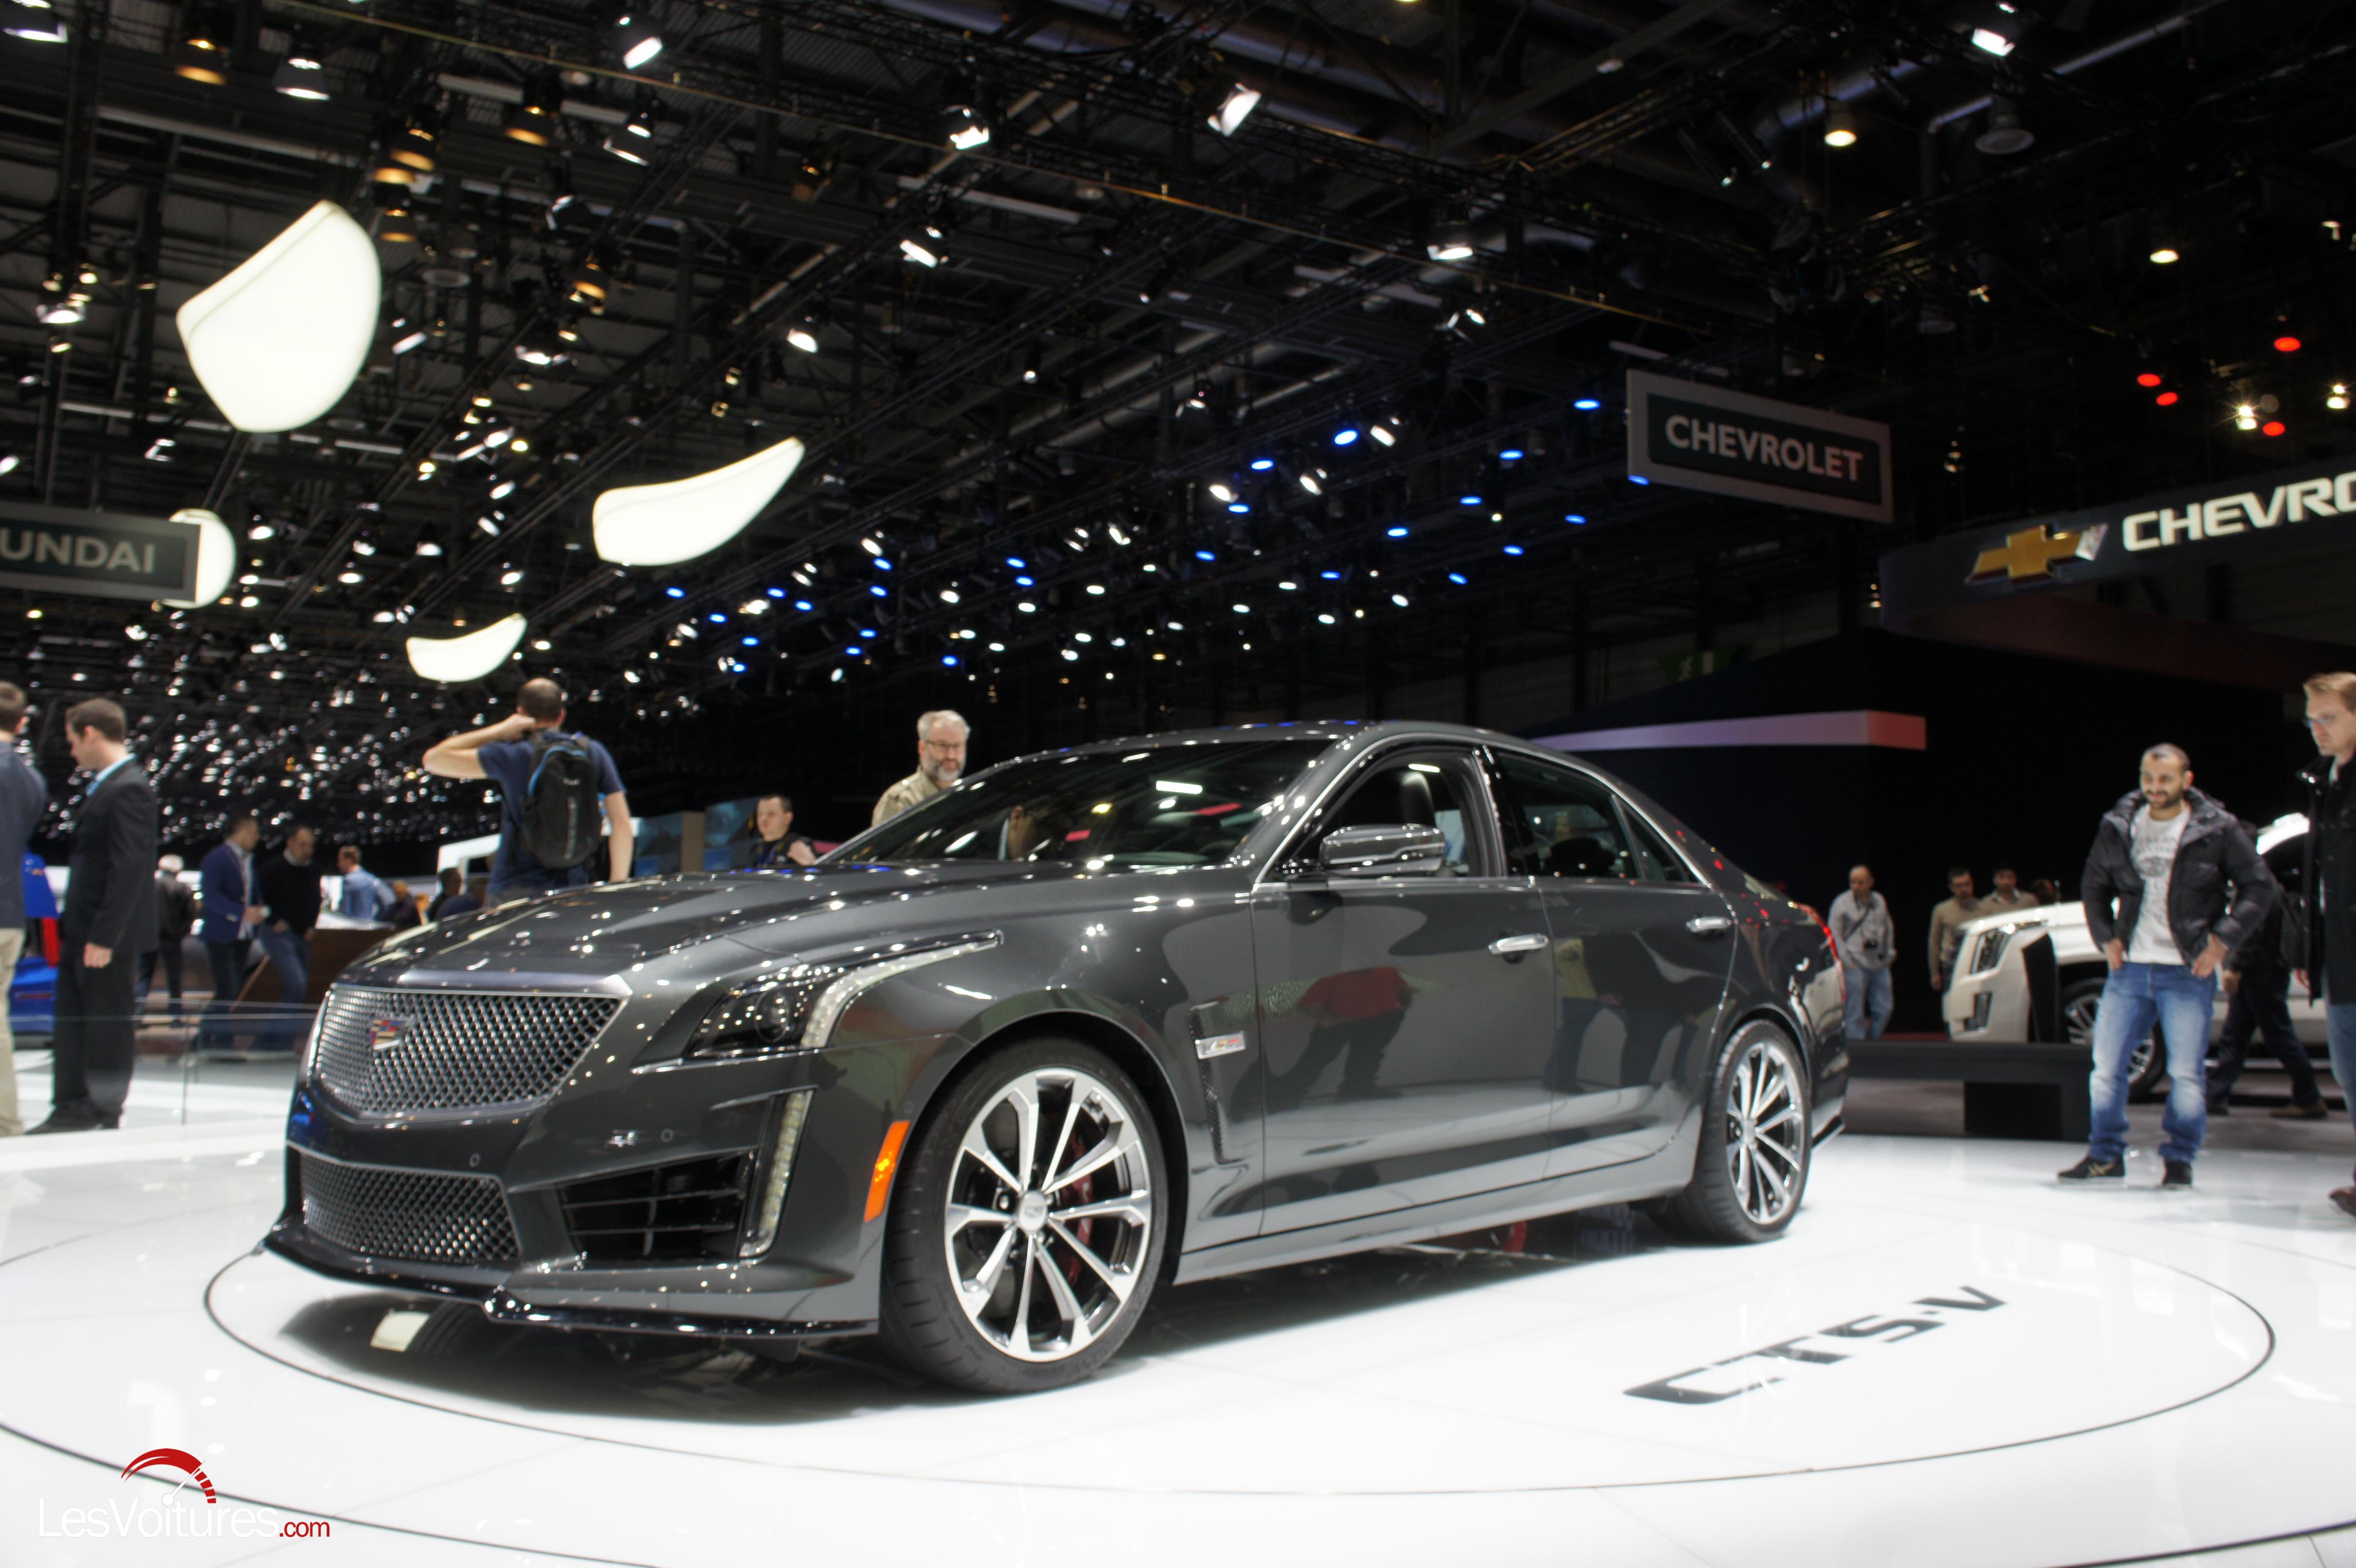 Salon-Genève-2015-Cadillac-CTS-V